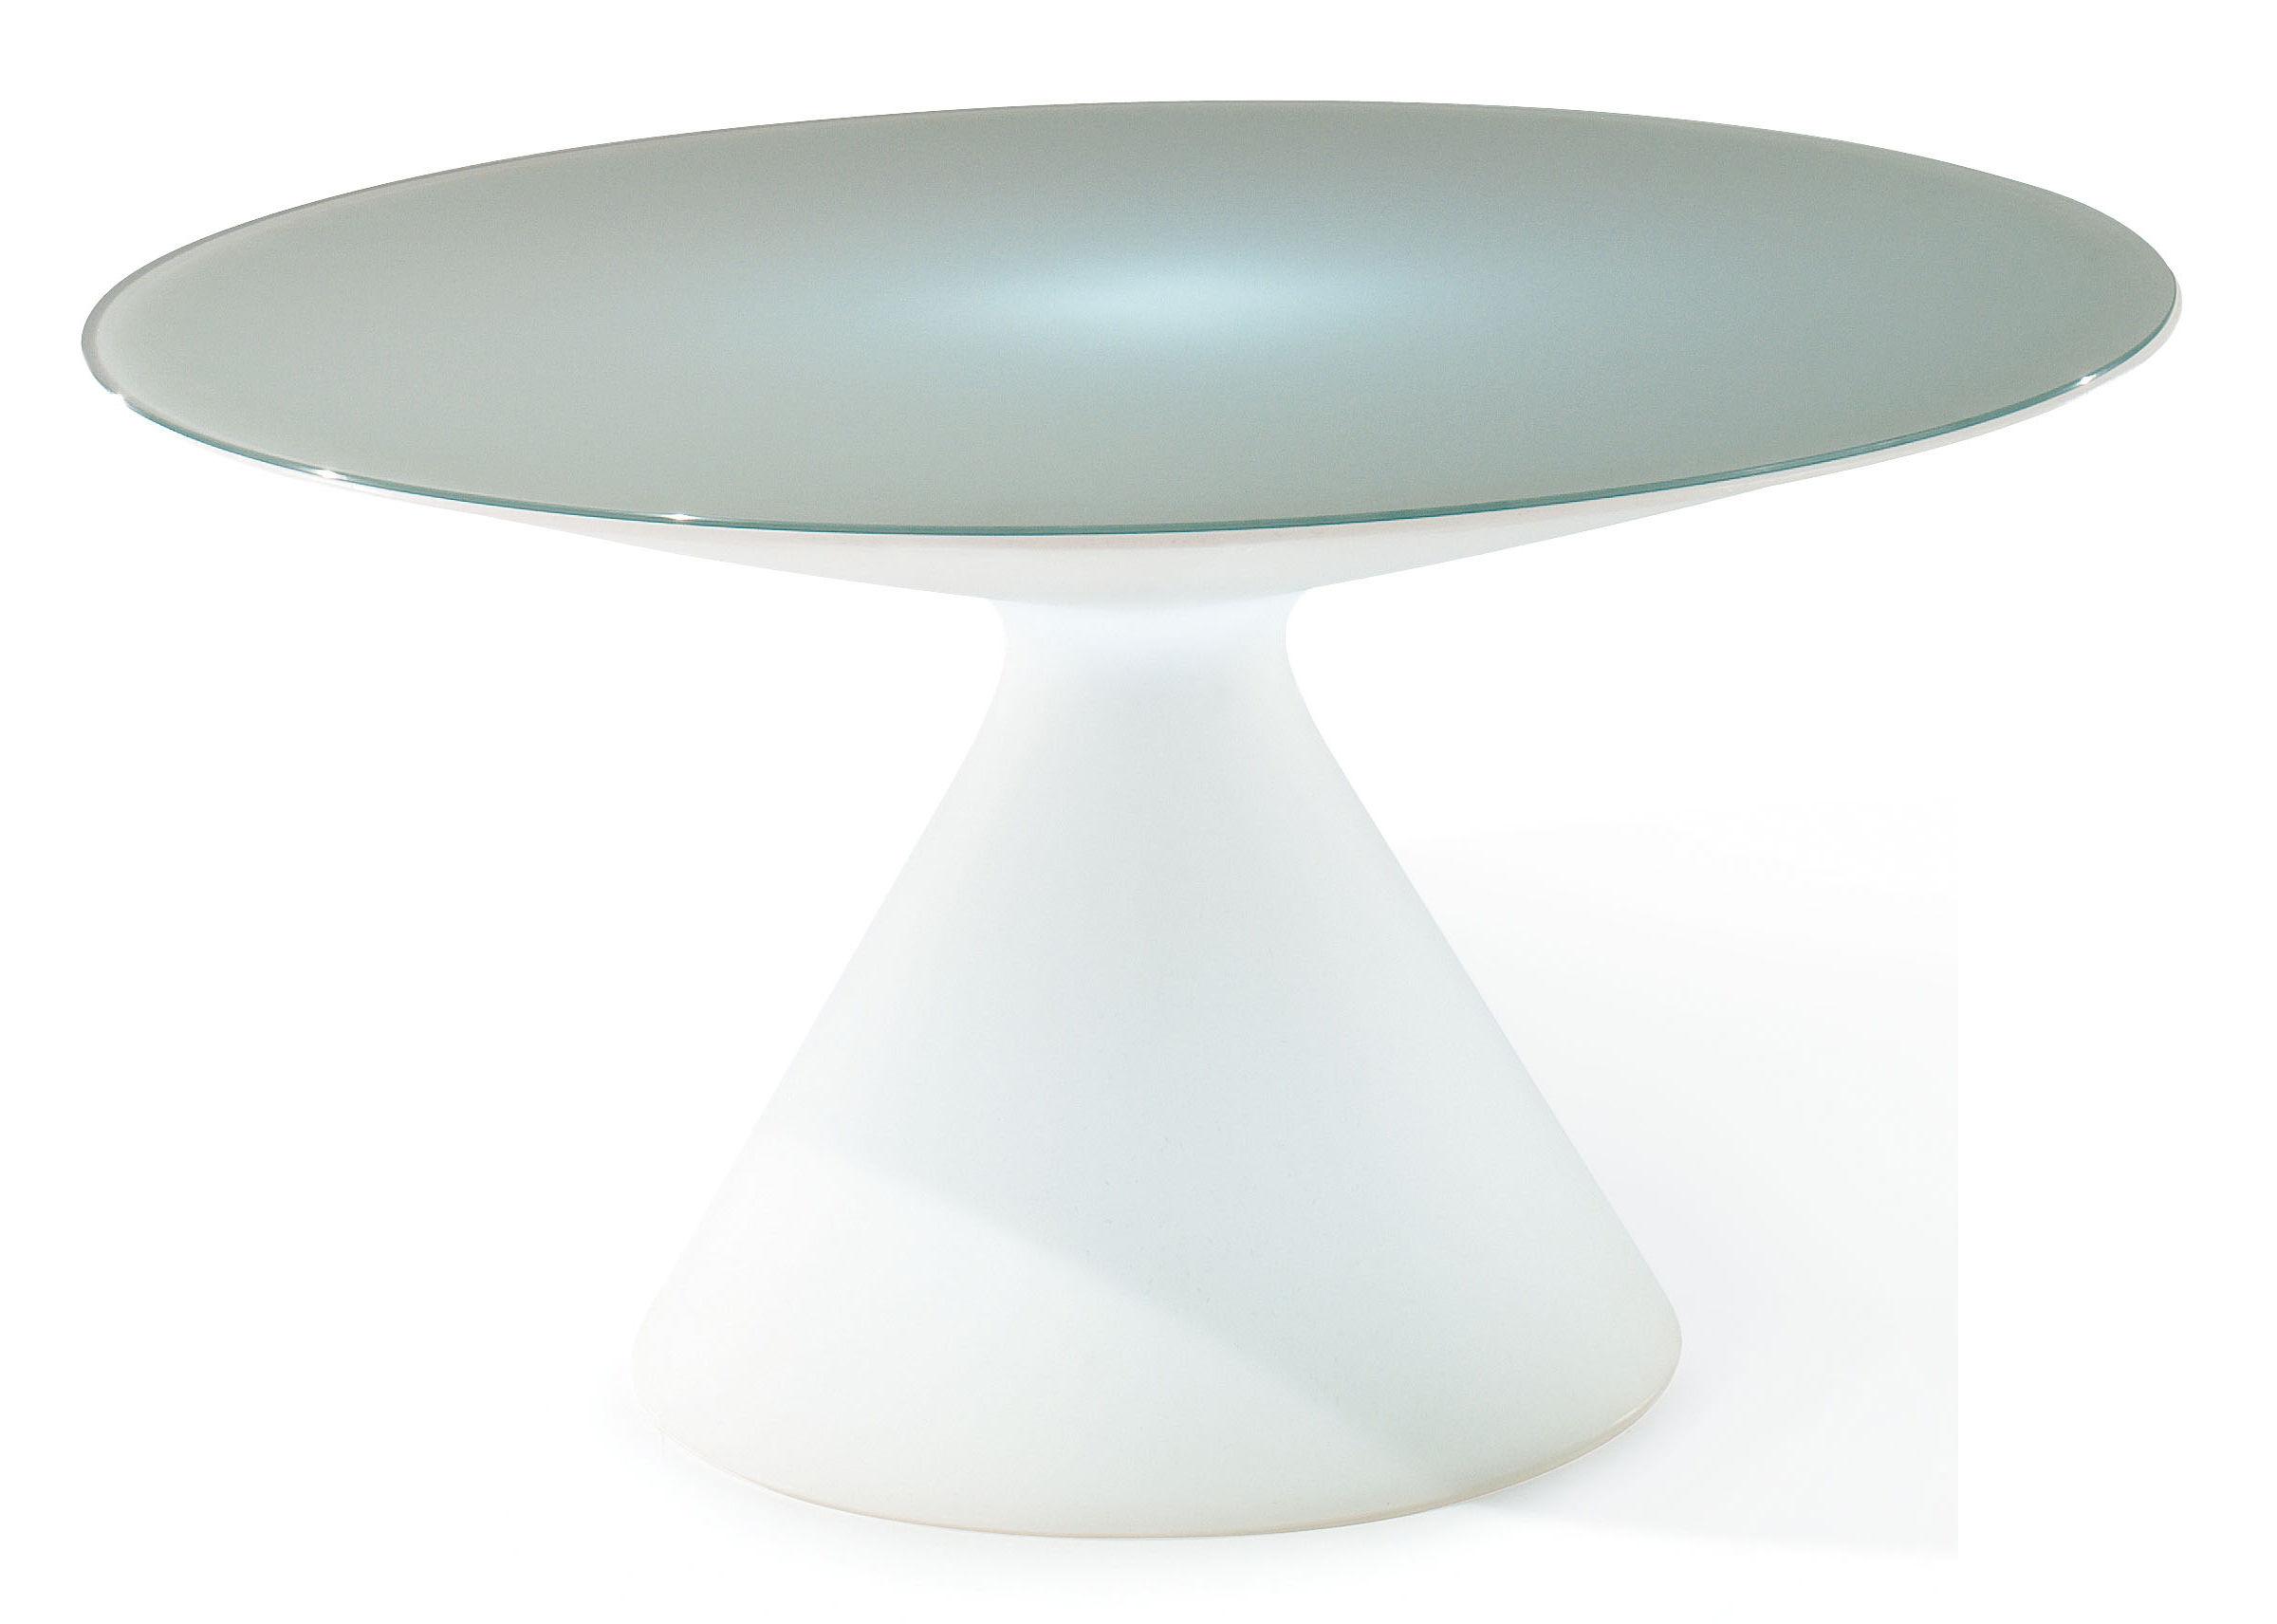 Möbel - Leuchtmöbel - Ed leuchtender Tisch - Slide - Weiß - Glas, Polyéthylène recyclable